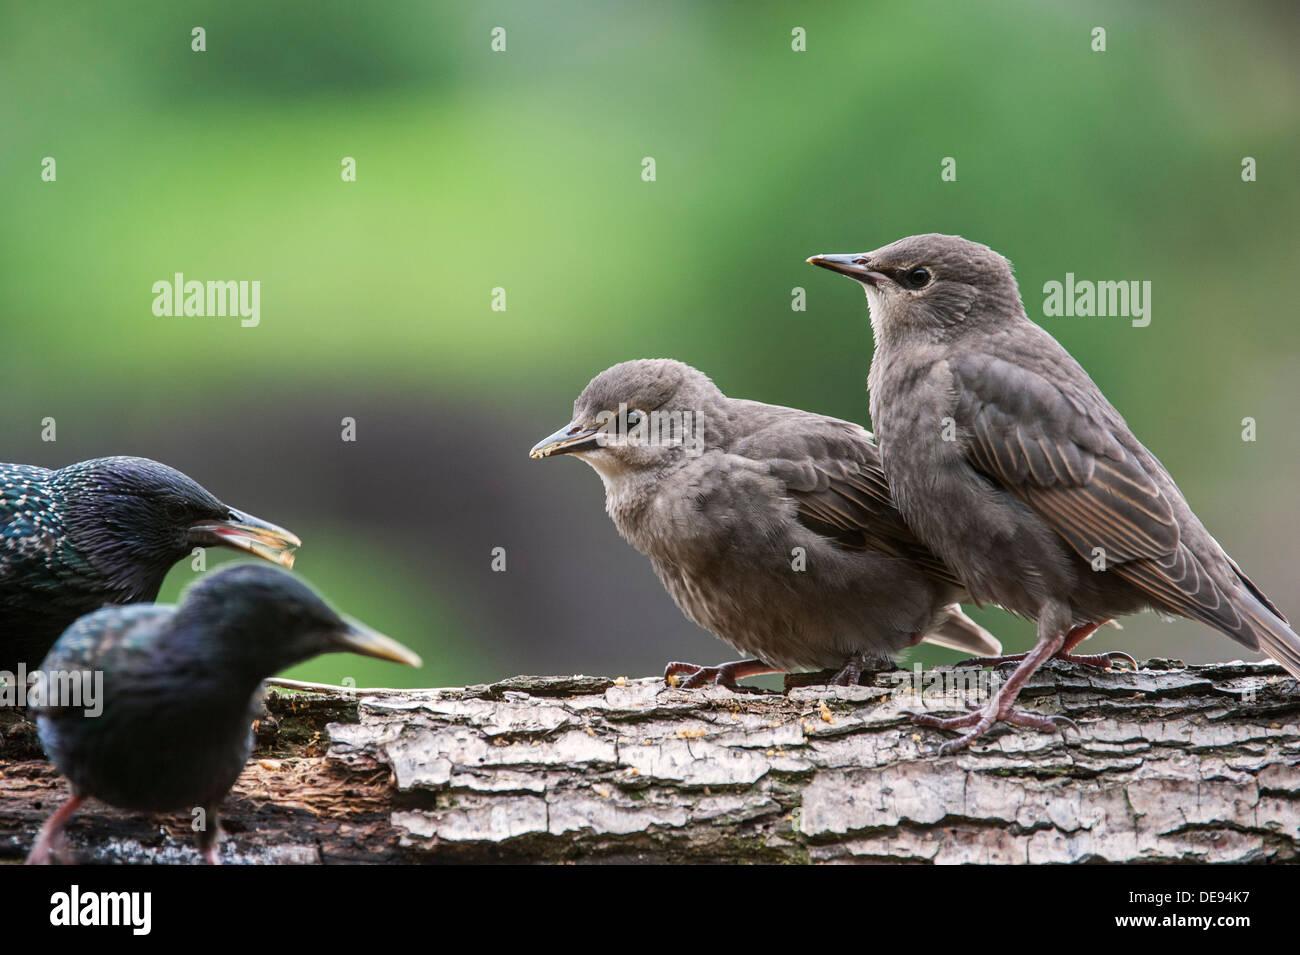 Zwei gemeinsame Starling / europäischen Stare (Sturnus Vulgaris) die Jungvögel betteln Altvögel für Lebensmittel im Frühjahr Stockbild